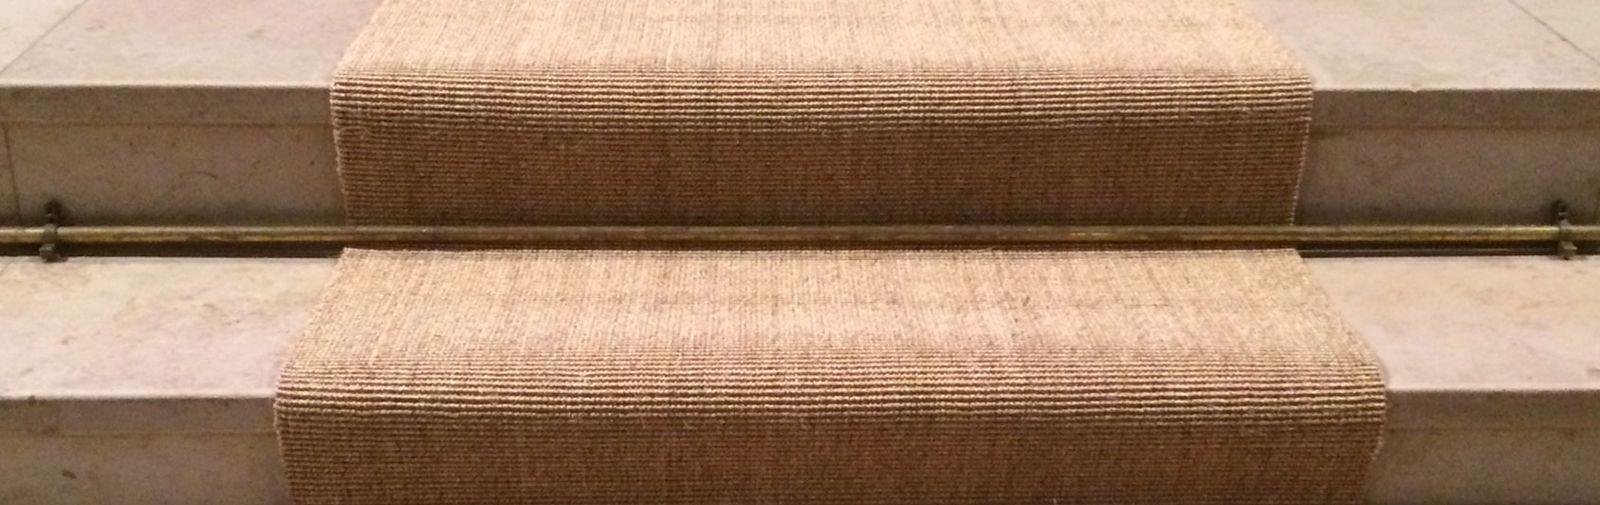 tapis d'église fibre naturelle sisal